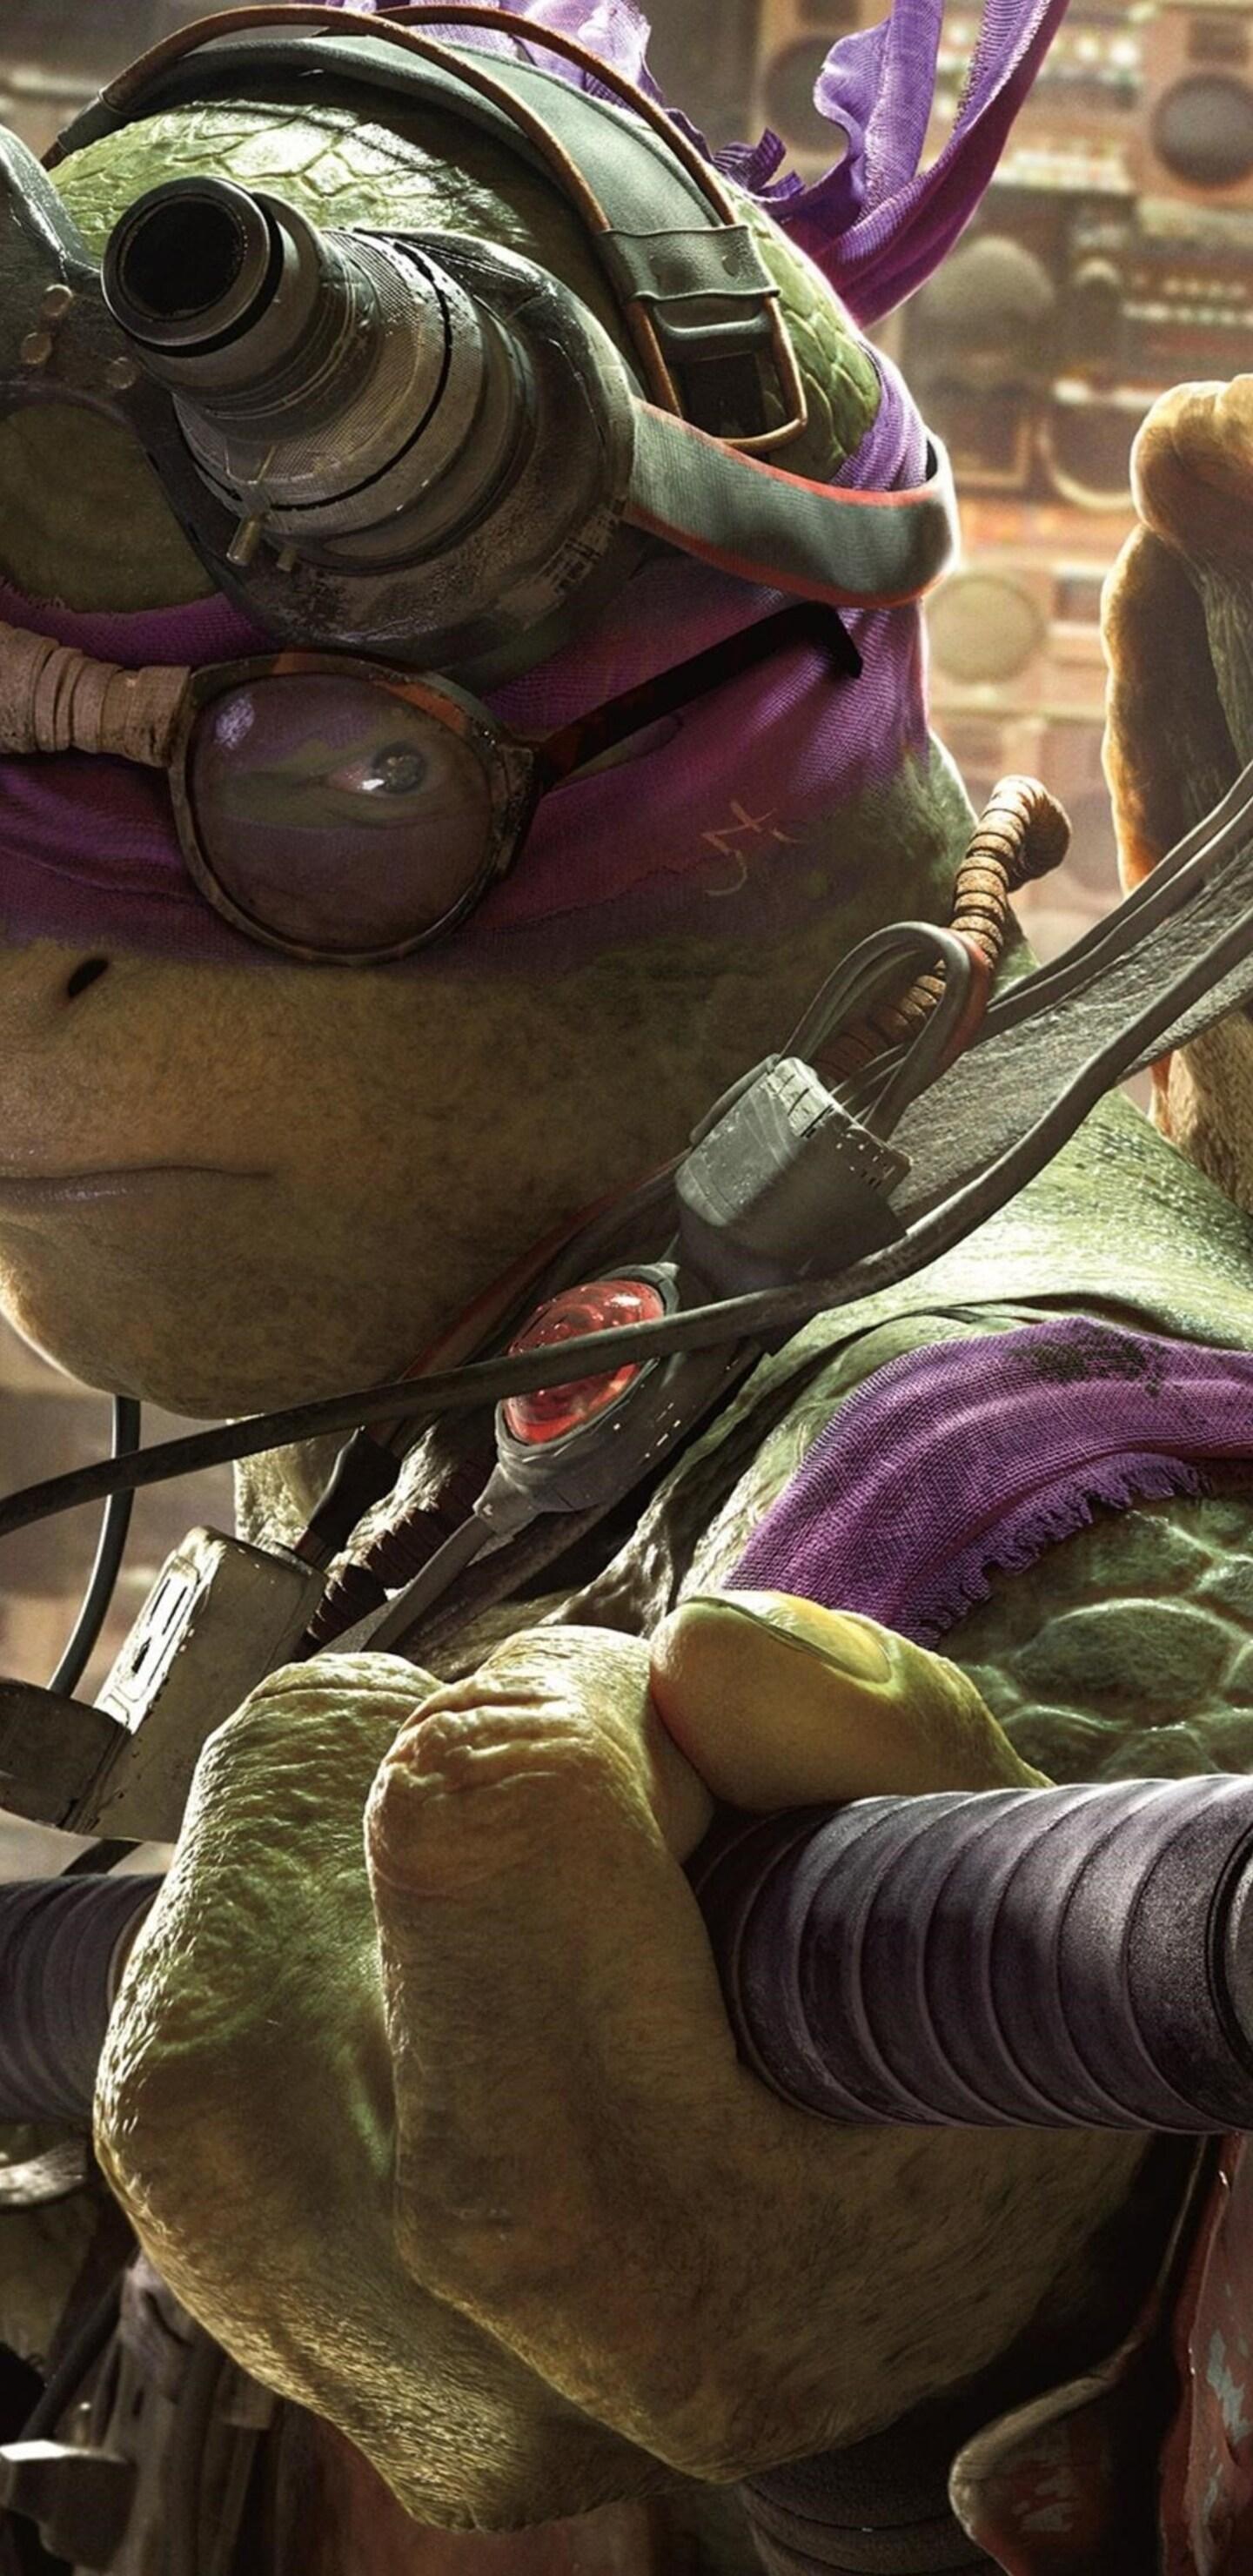 donnie-in-teenage-mutant-ninja-turtles.jpg